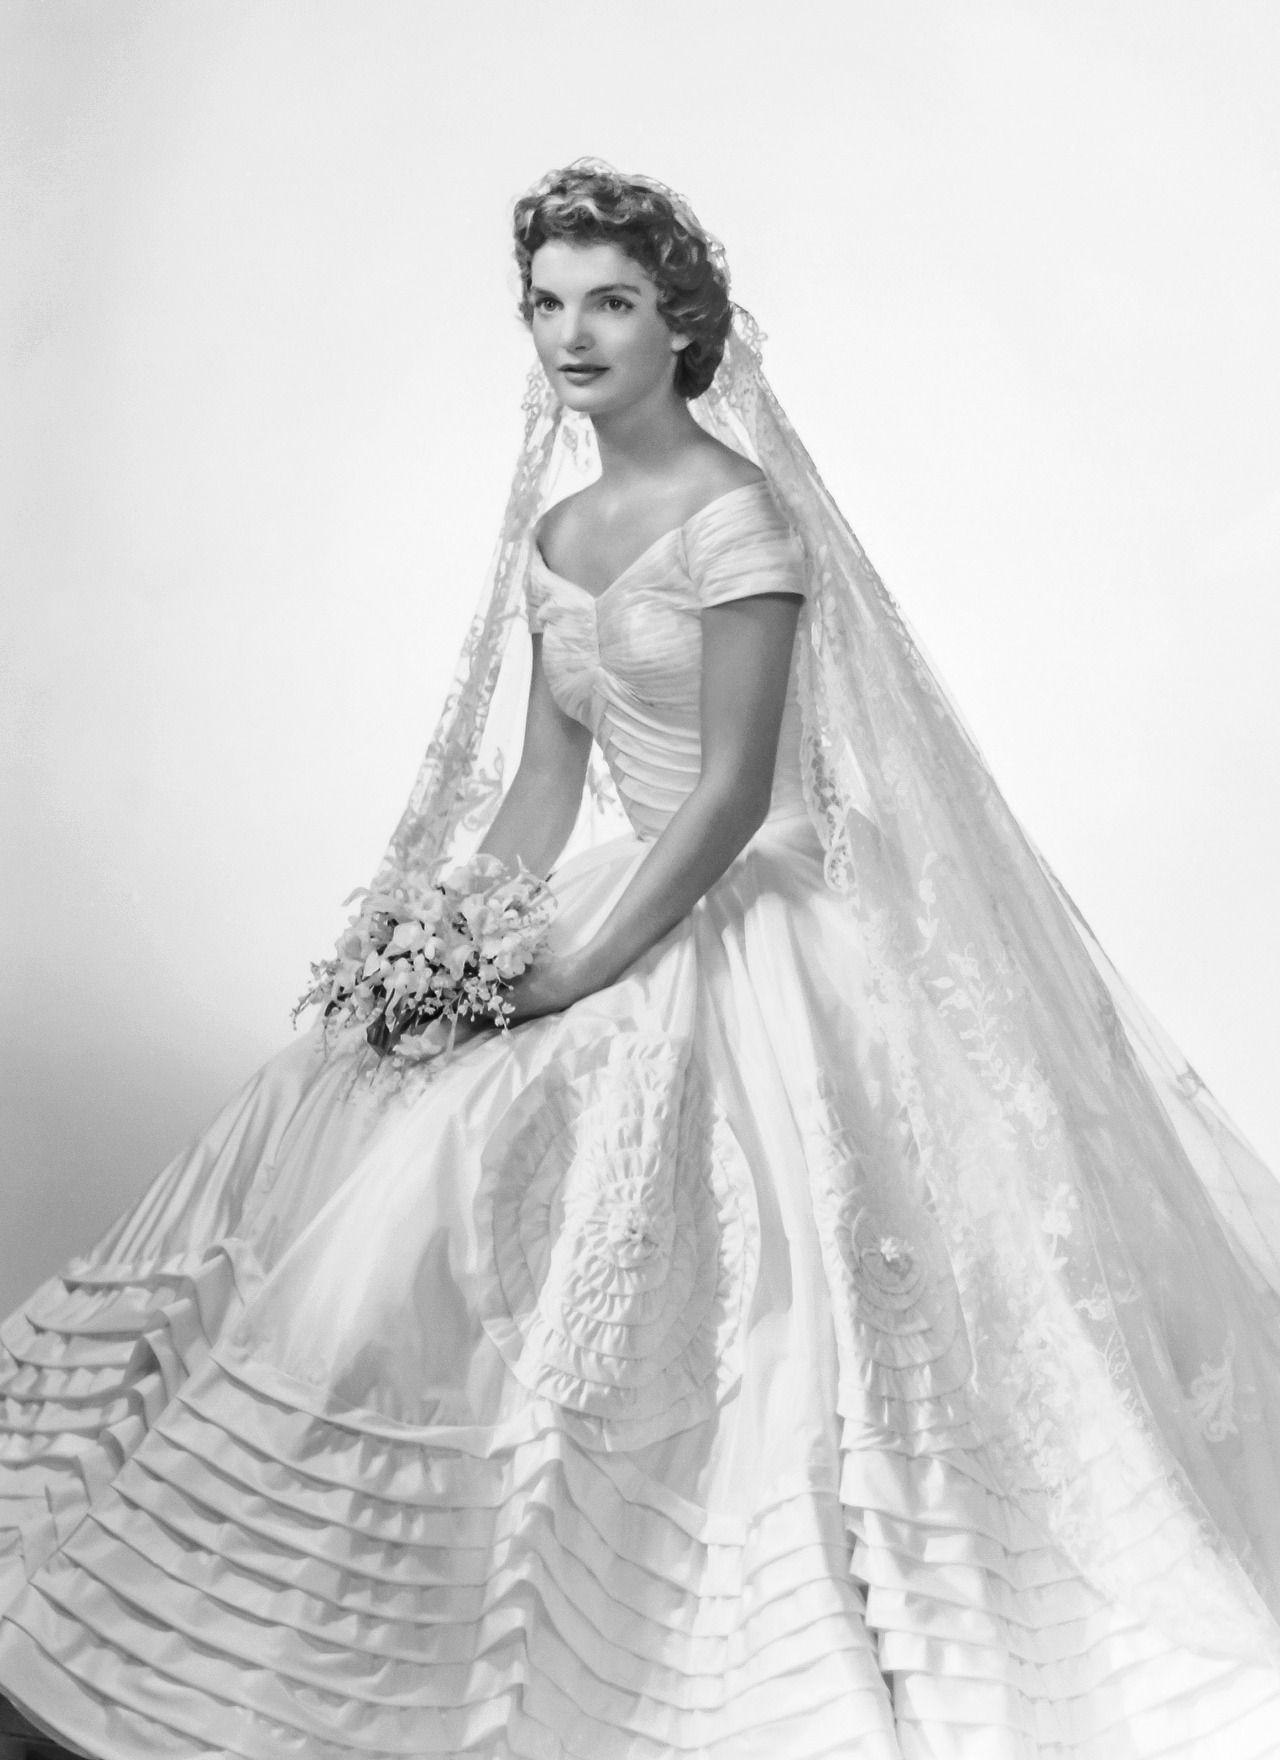 Kennedy Jackie wedding dress